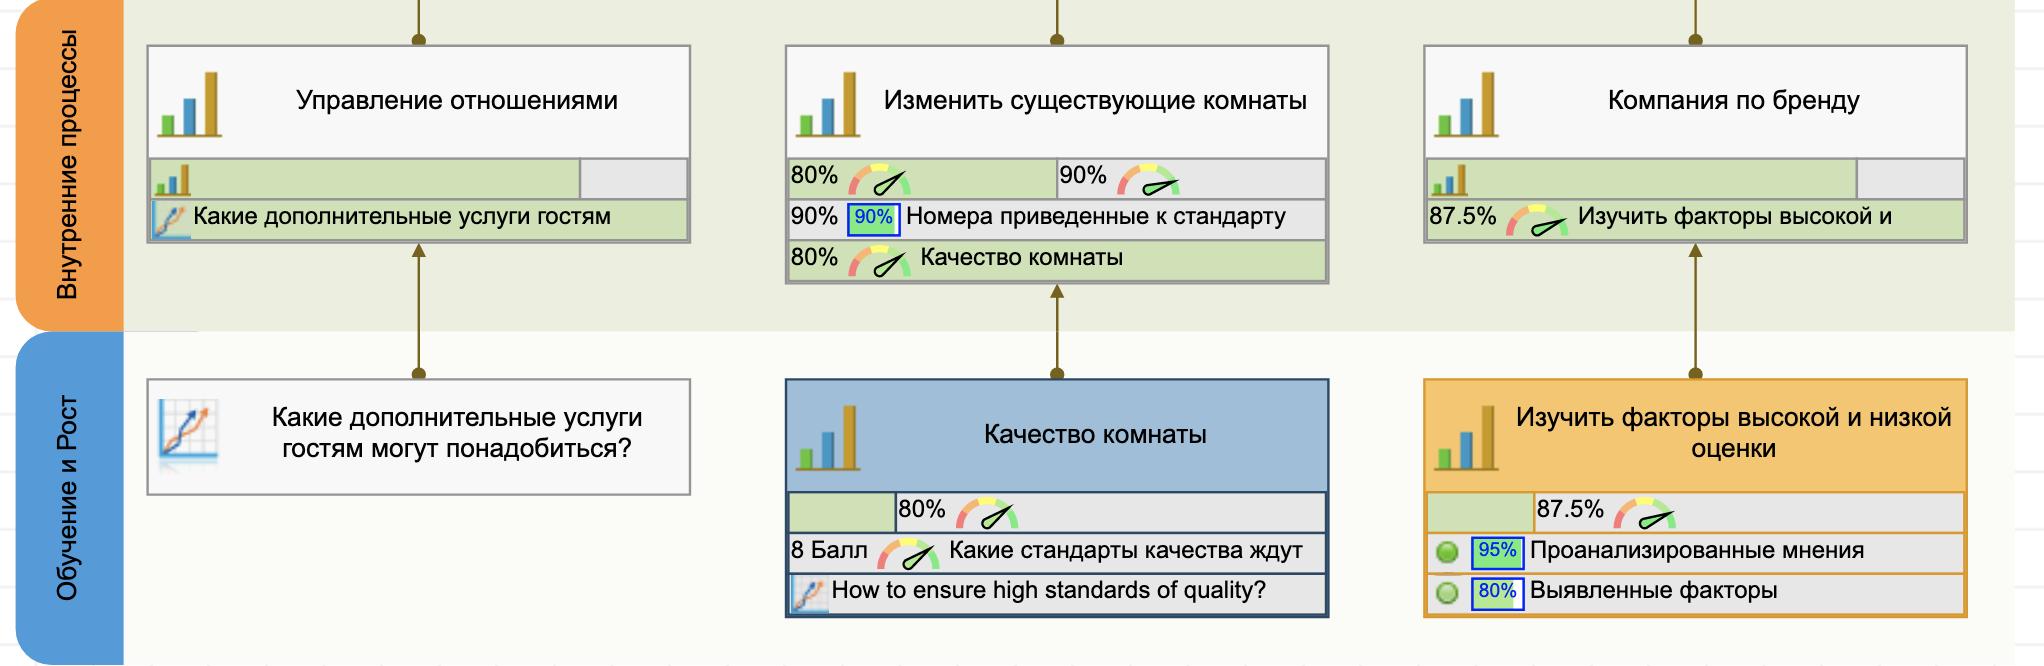 Перспектива обучения на стратегической карте отеля